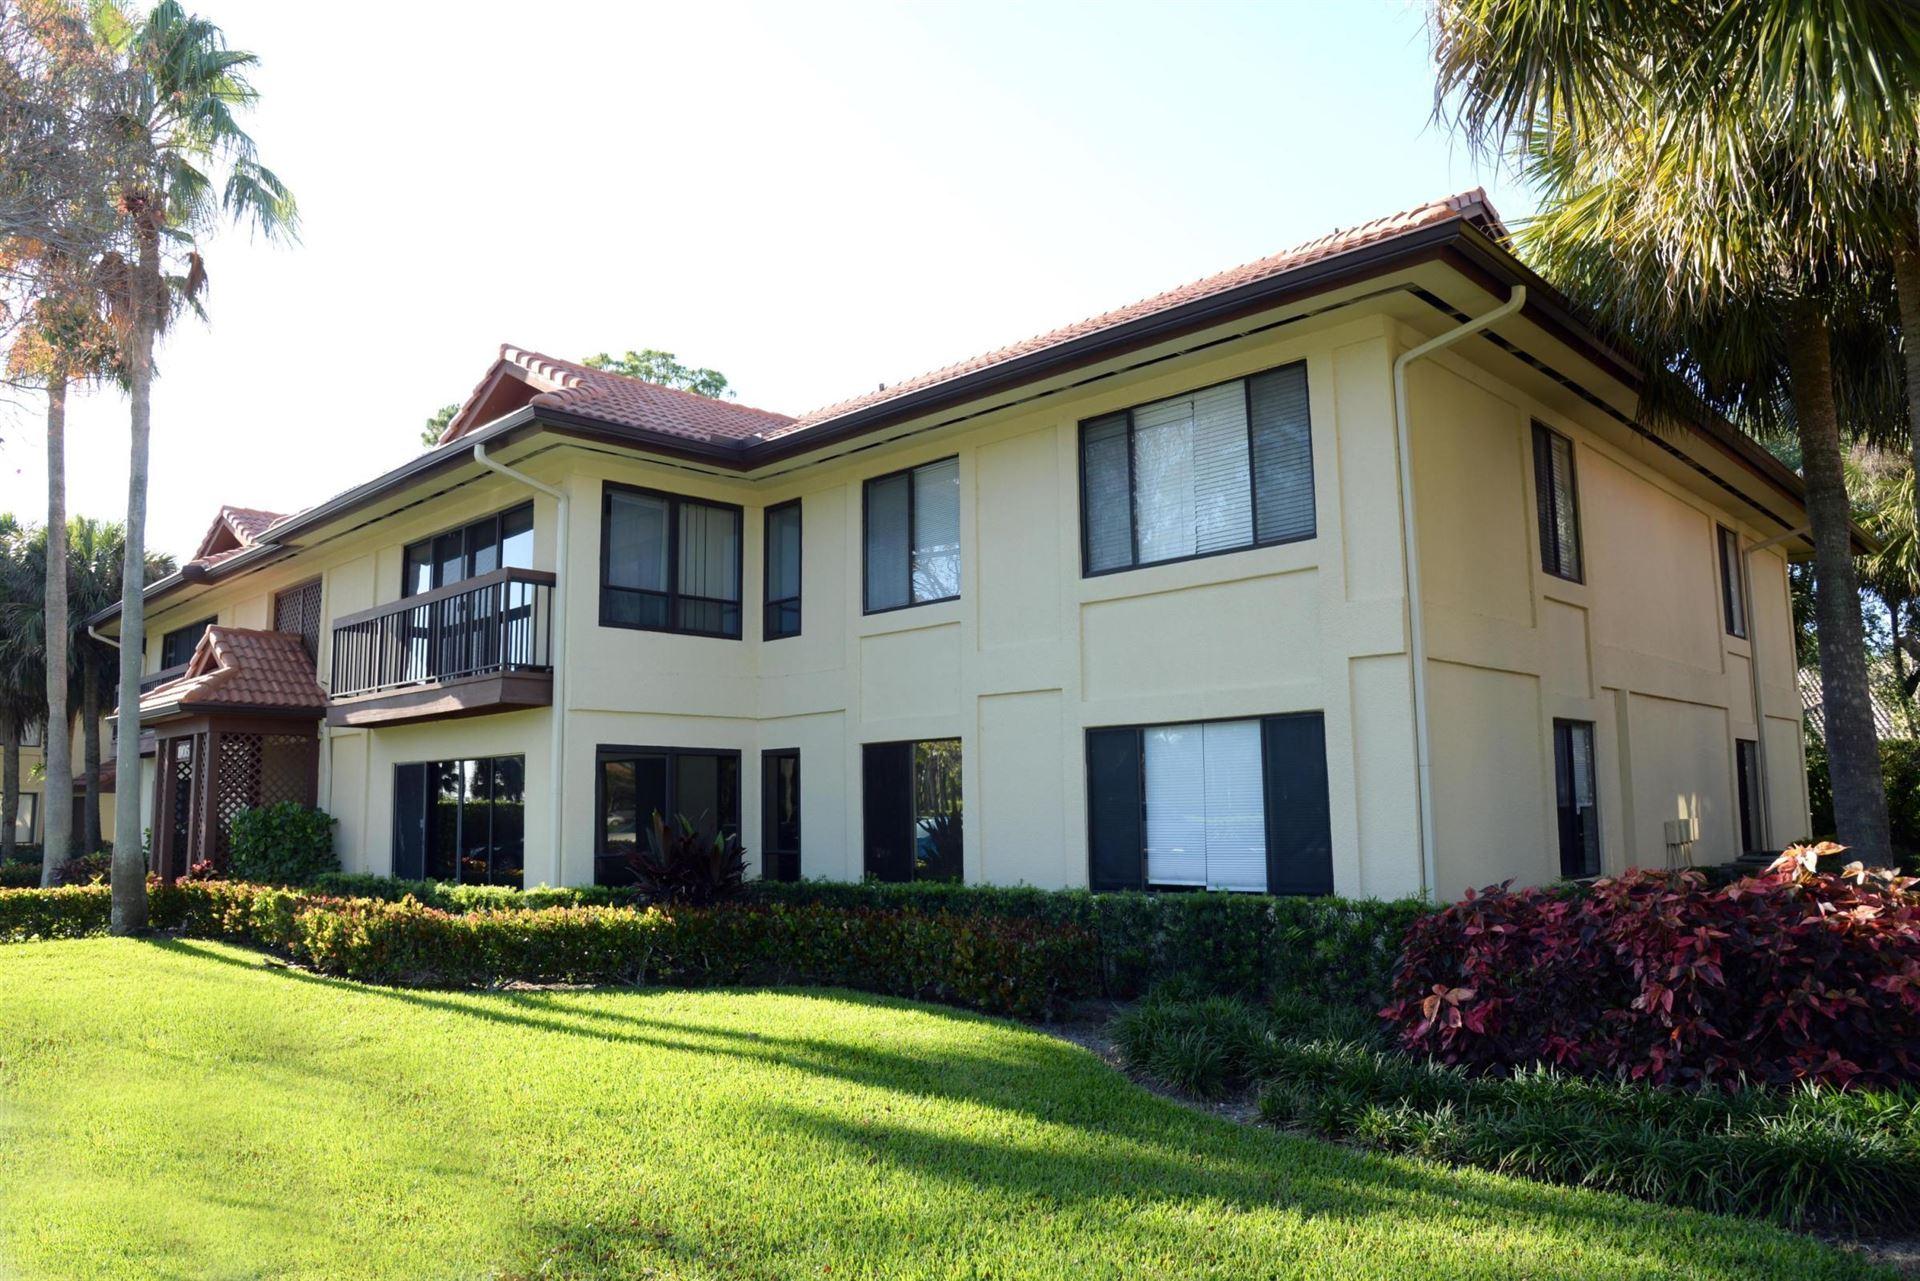 Photo of 1105 Duncan Circle #203, Palm Beach Gardens, FL 33418 (MLS # RX-10625773)